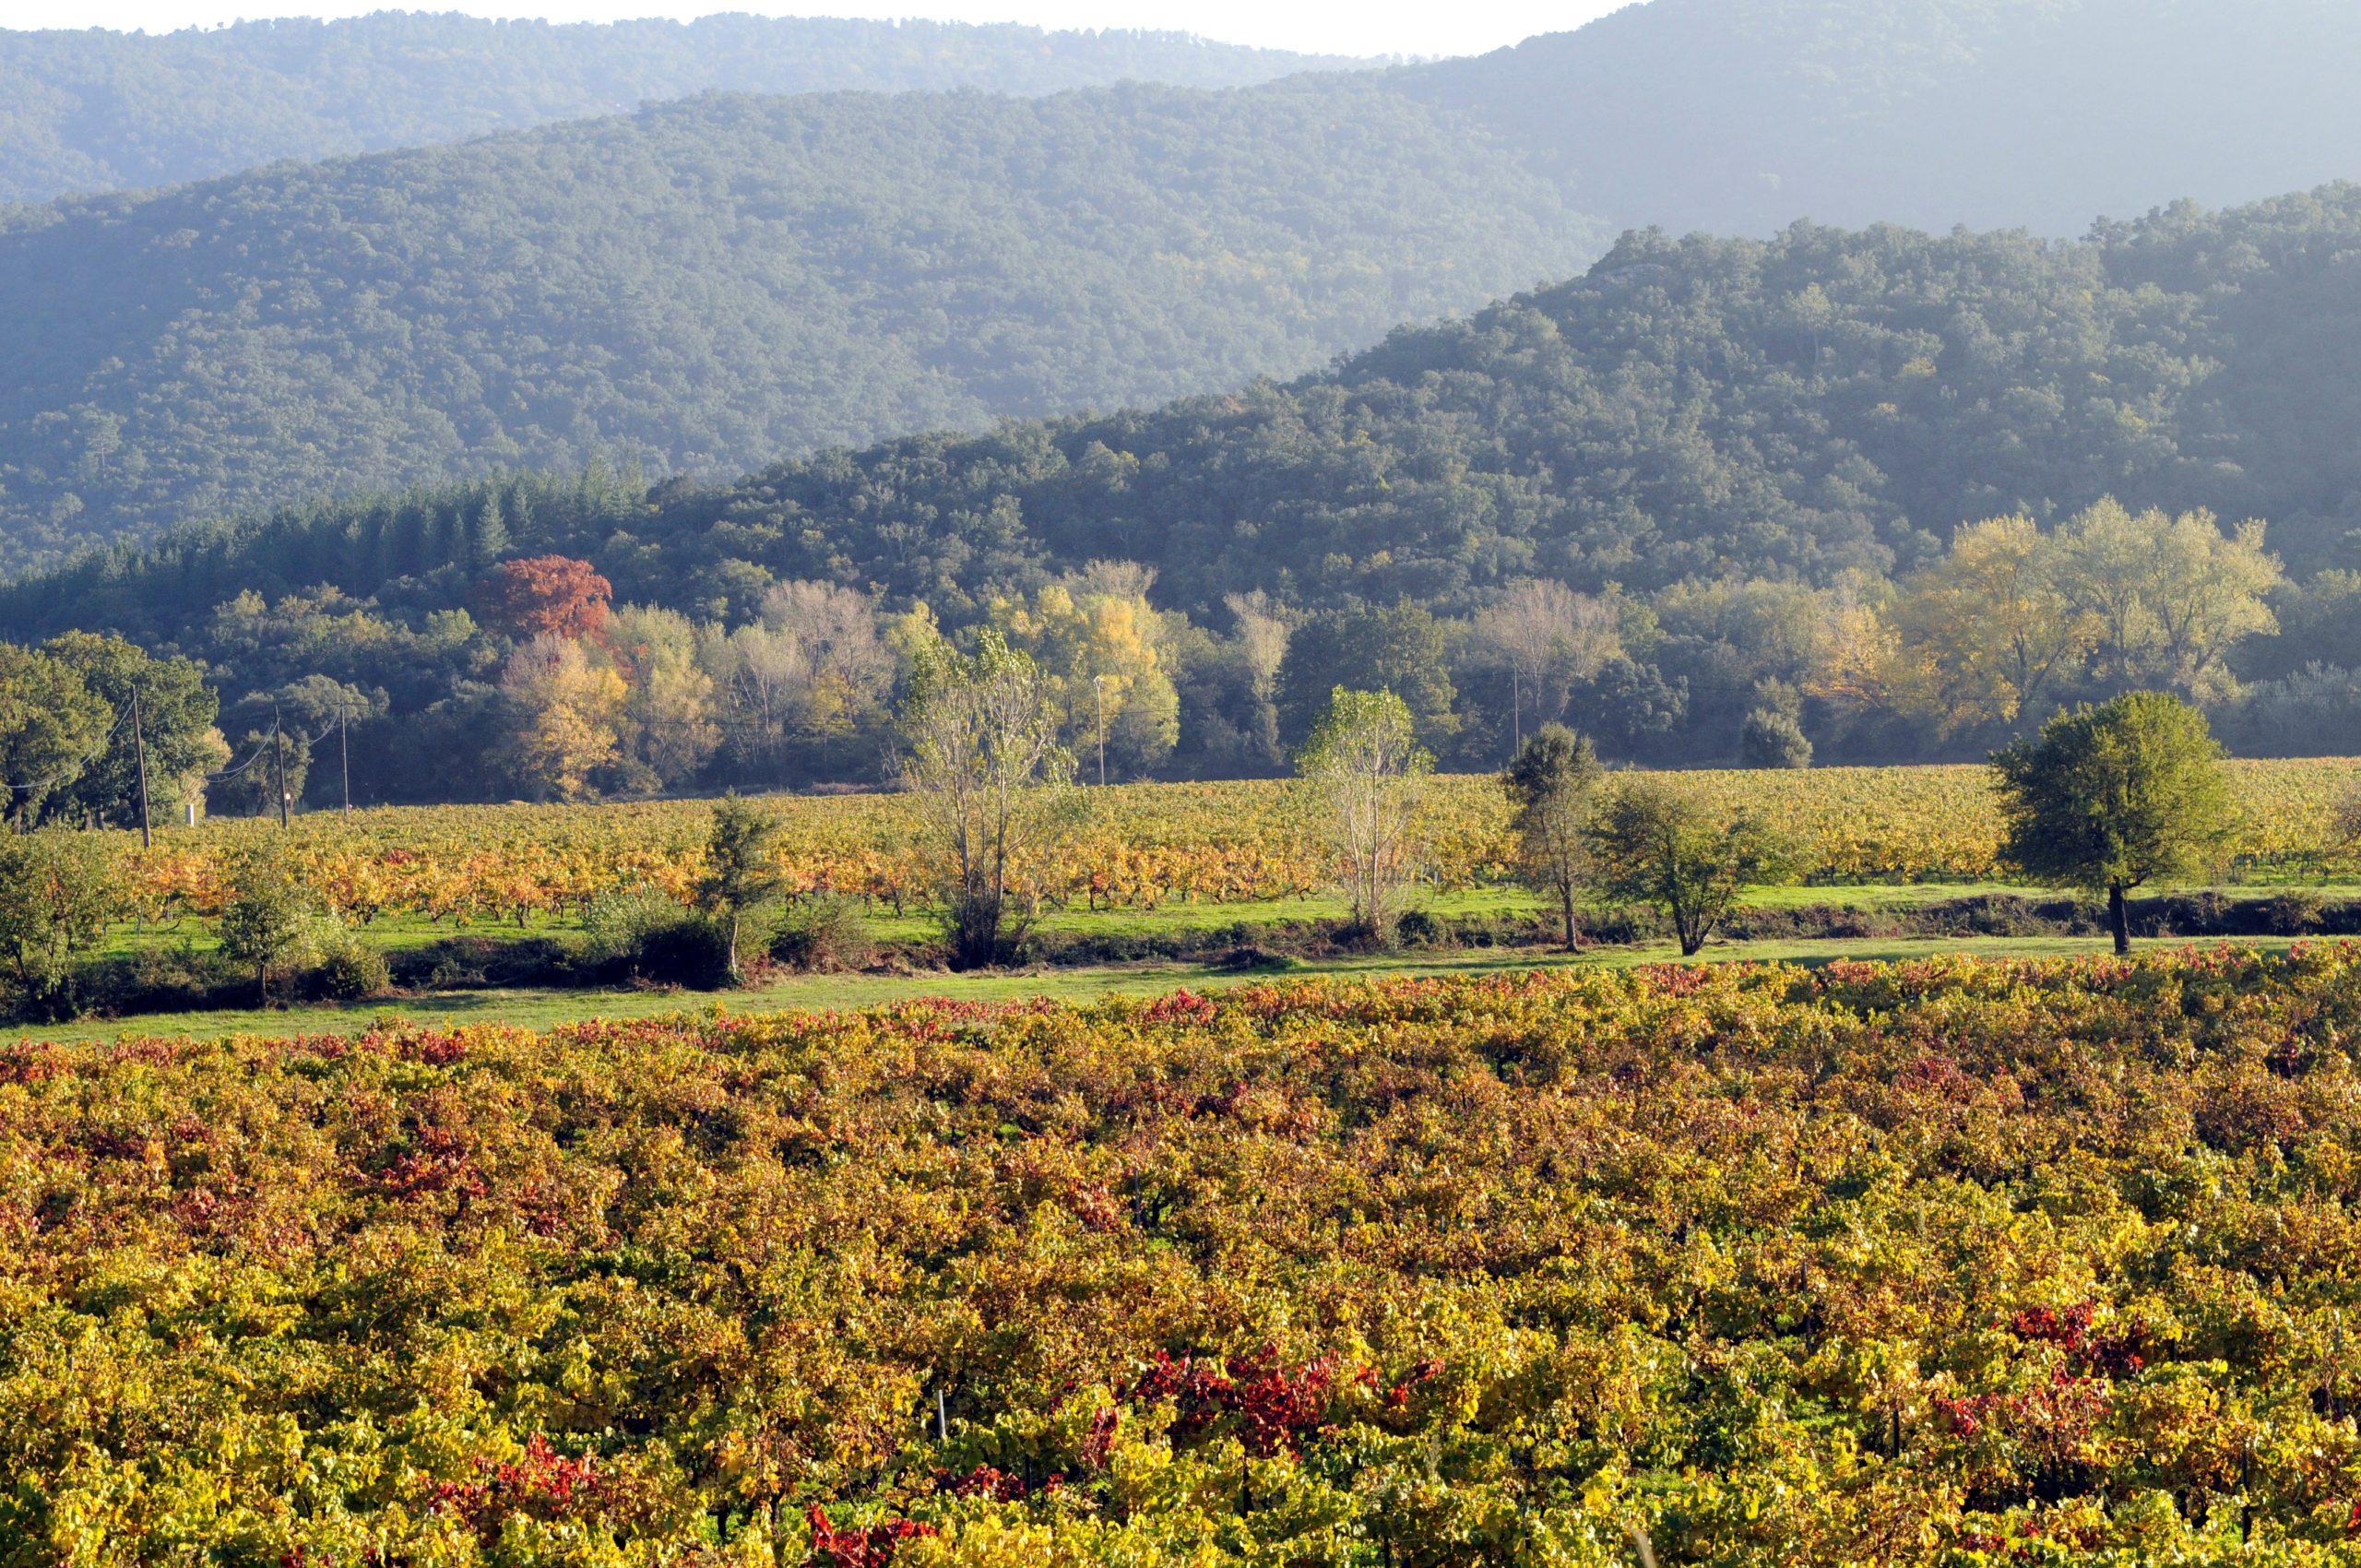 Retrouvez les caractéristiques et description du cépage Rolle sur le guide du vin en ligne de votre caviste Tastavin.